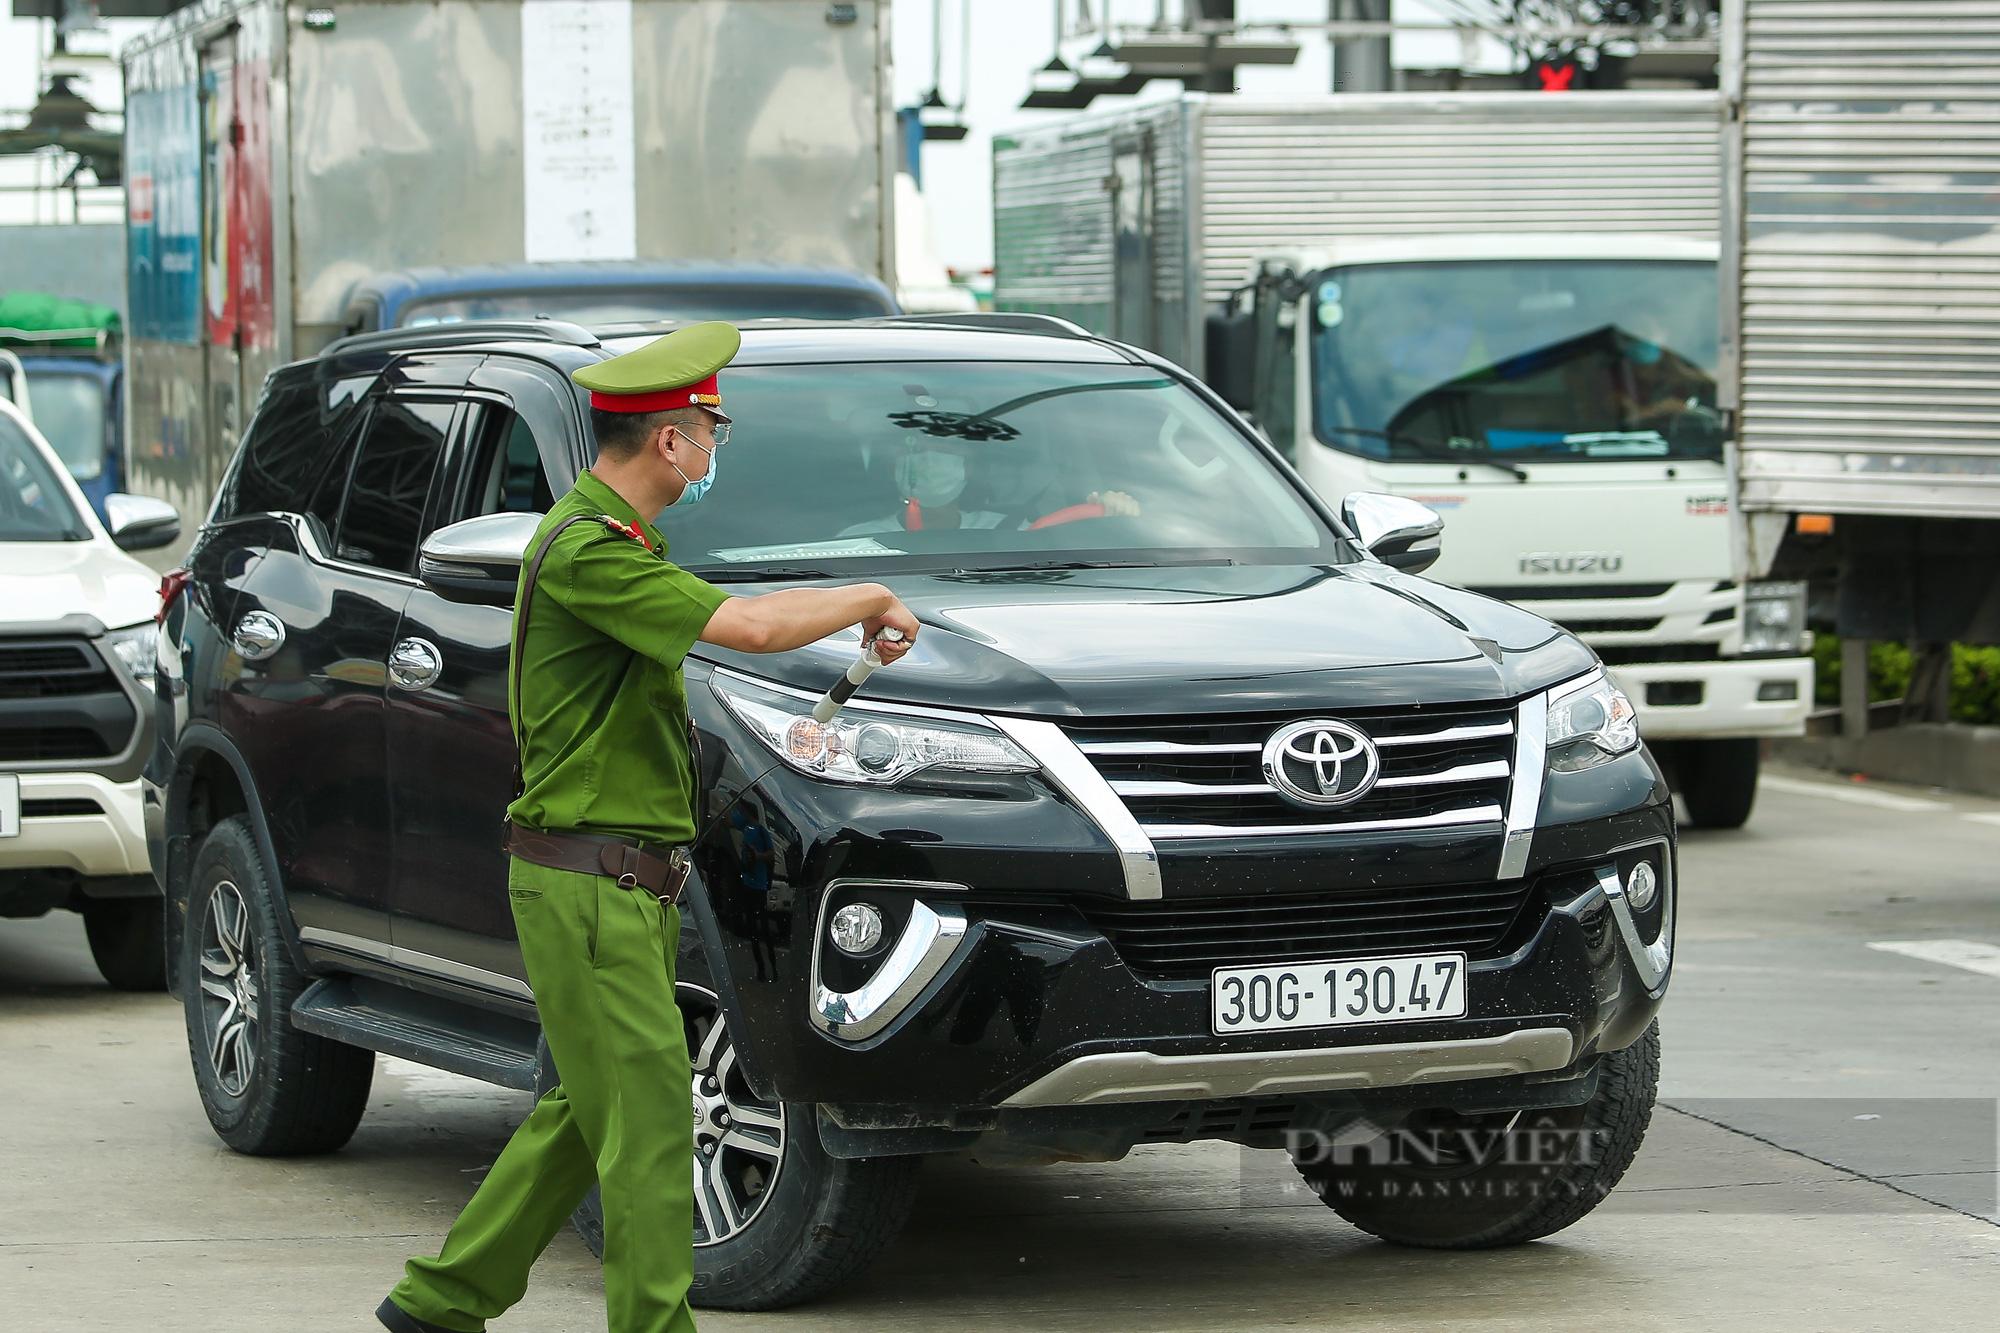 Tài xế đi hơn 1000km từ Vĩnh Long ra Hà Nội bị yêu cầu quay xe - Ảnh 7.